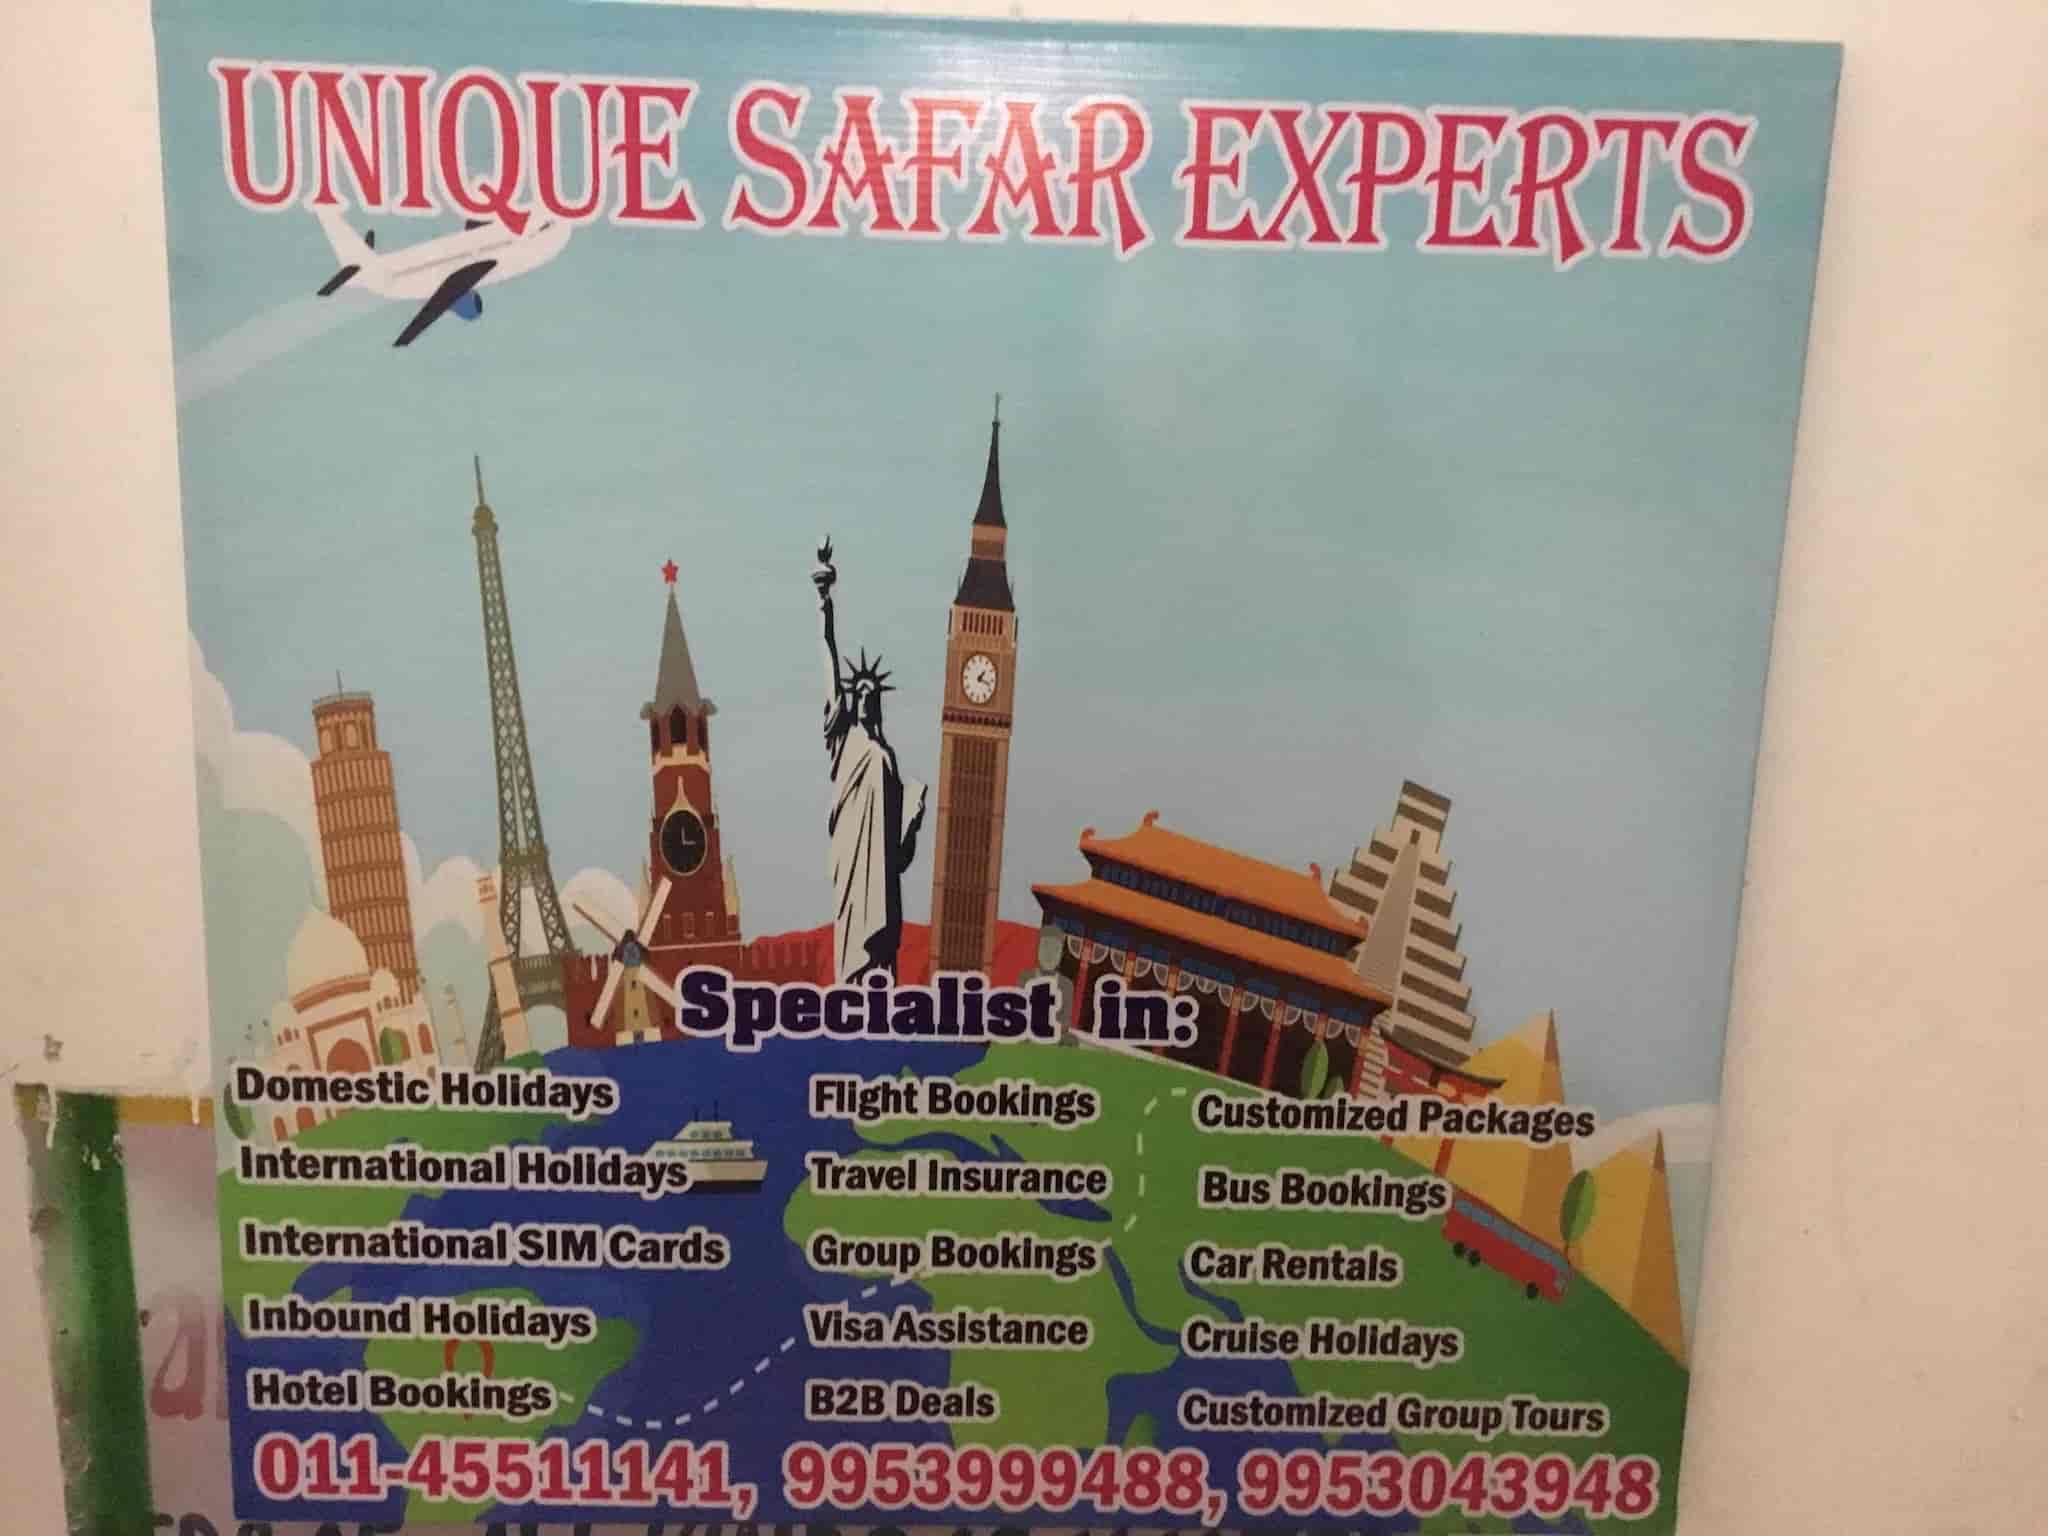 Unique Safar Experts, Dwarka Sector 12 - Travel Agents in Delhi